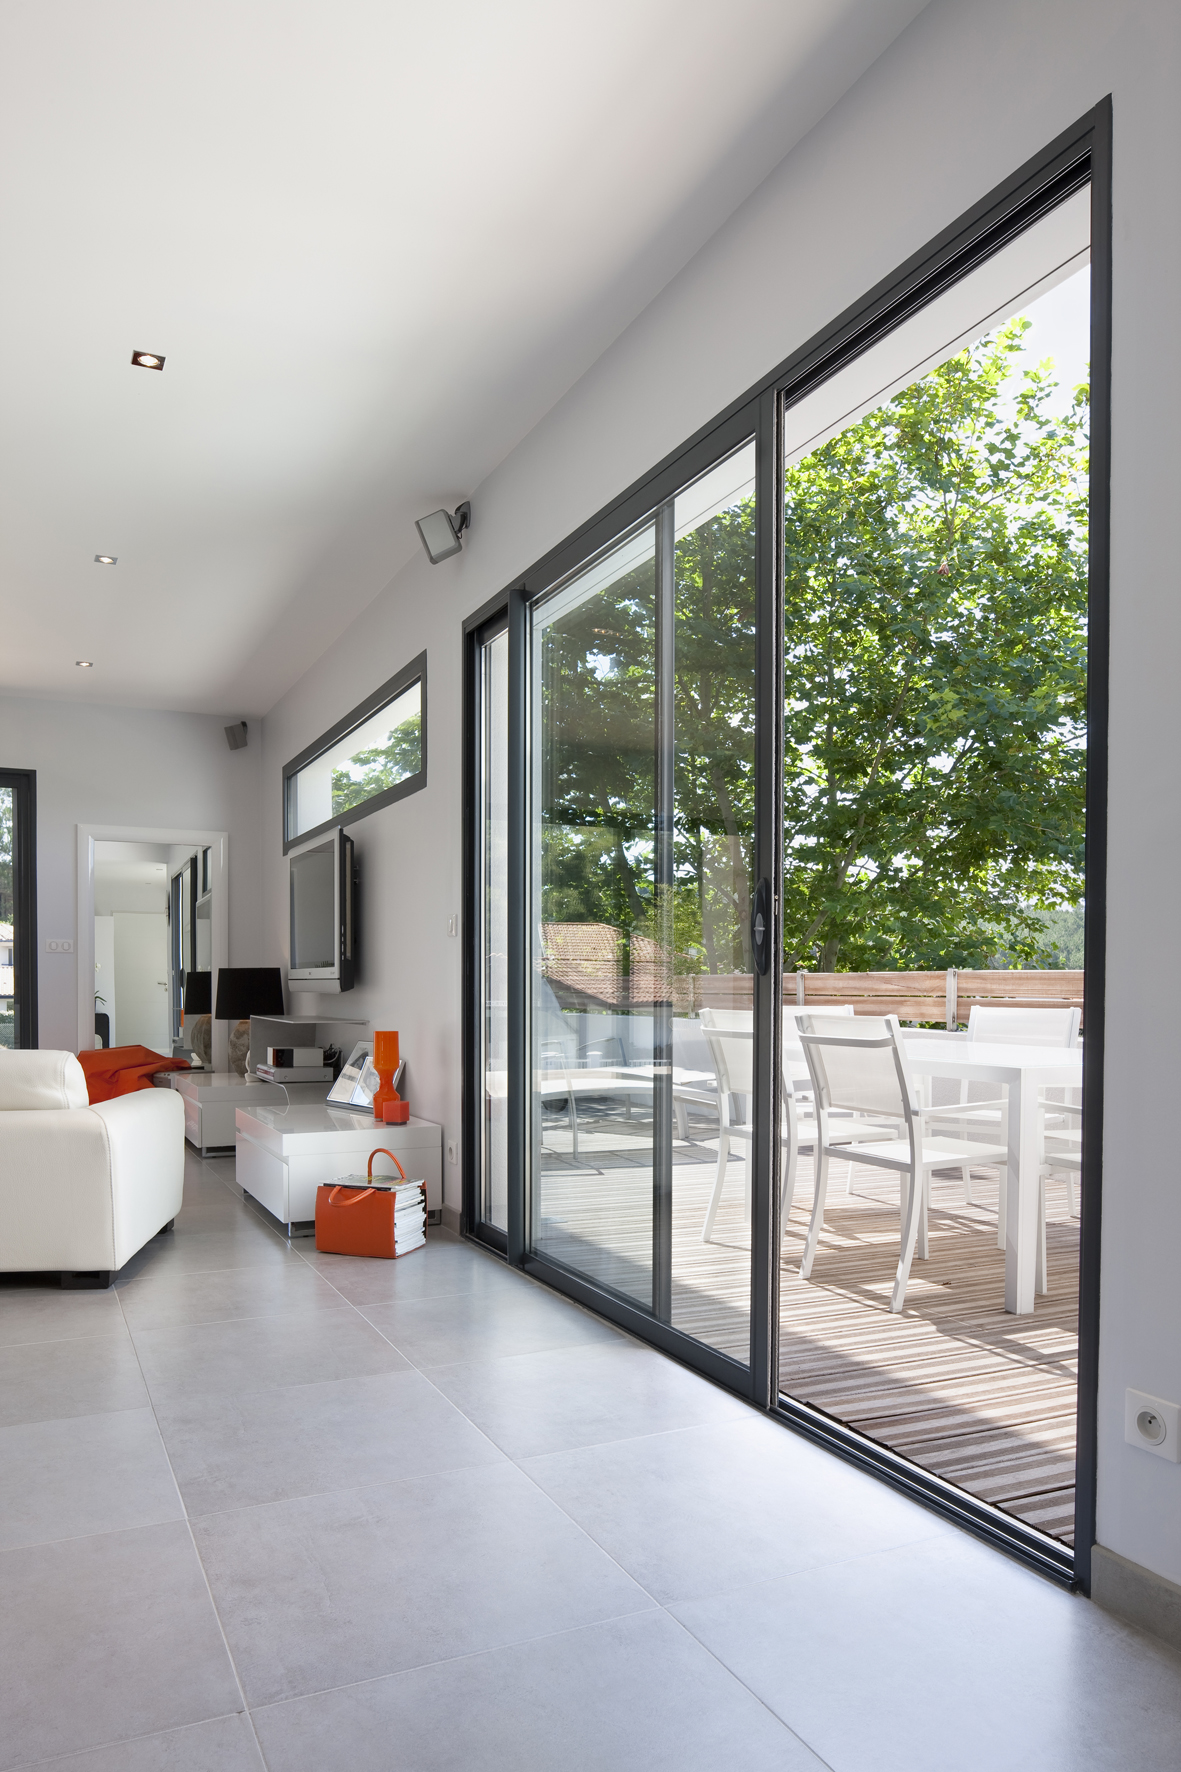 Fen tres aluminium initial villa couzinet biarritz for Fenetre alu paris